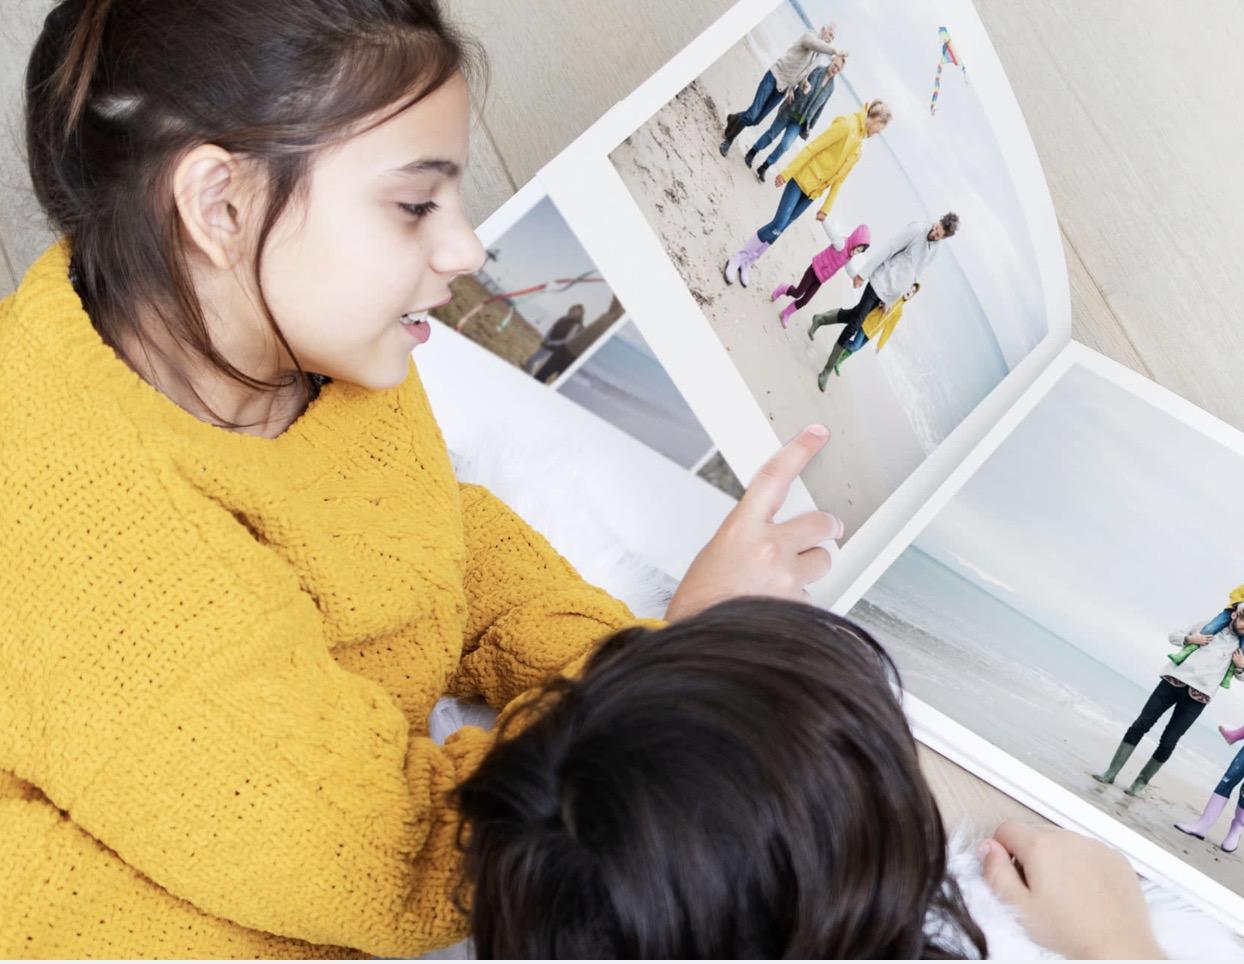 Code promo PhotoBox : Les pages en plus offertes en illimité sur les livres photos